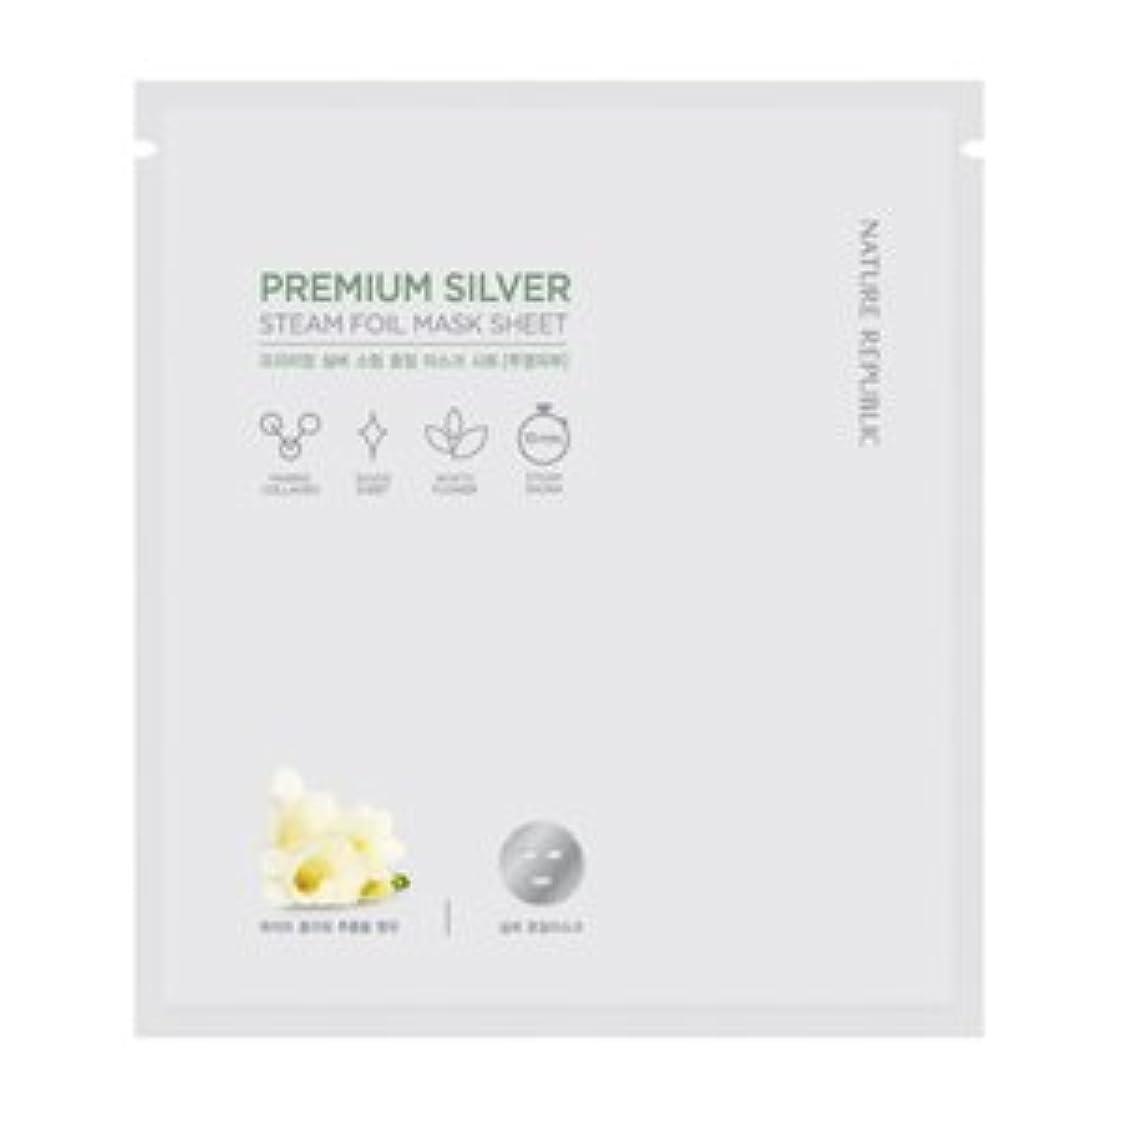 悲劇的な監督する群衆Nature Republic Premium silver Steam Foil Mask Sheet [5ea] ネーチャーリパブリック プレミアムシルバースチームホイルマスクシート [5枚] [並行輸入品]